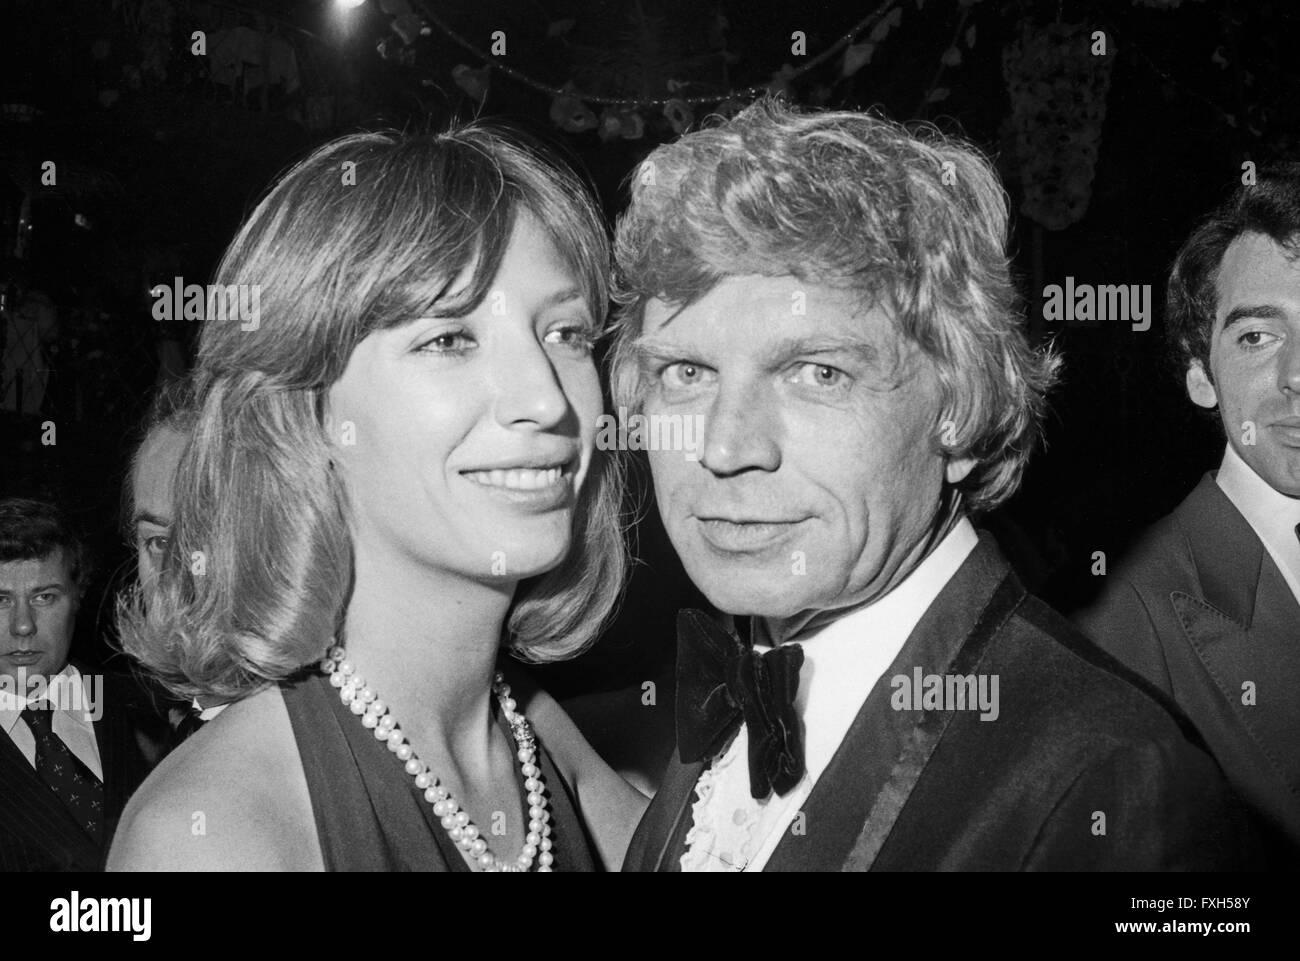 Schauspieler Hardy Krüger Mit Ehefrau Francesca Marazzi Beim SPIO Filmball in München 1976, 1970er Jahre Stockbild